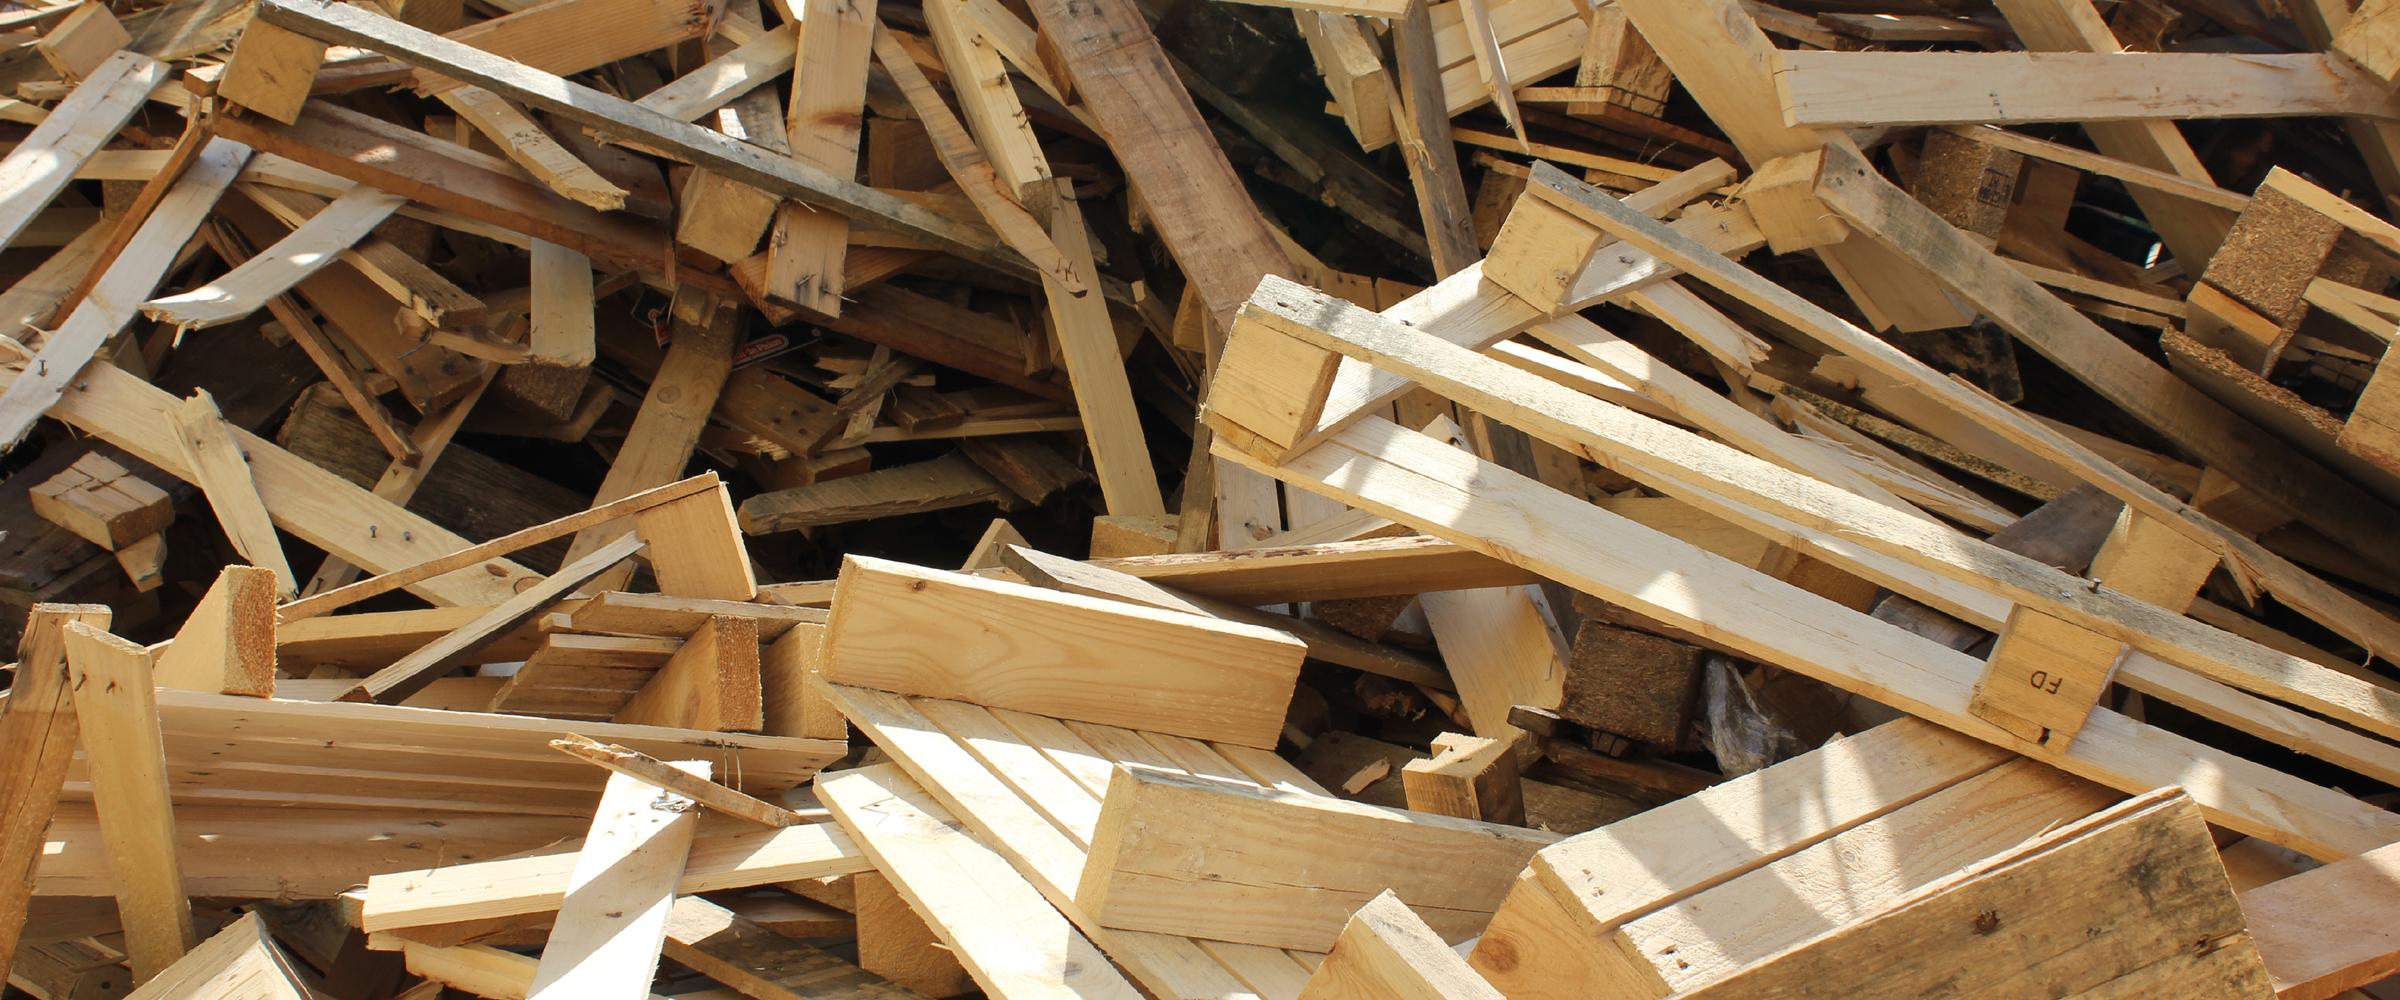 recupero, trasporto, smaltimento, legno e legname